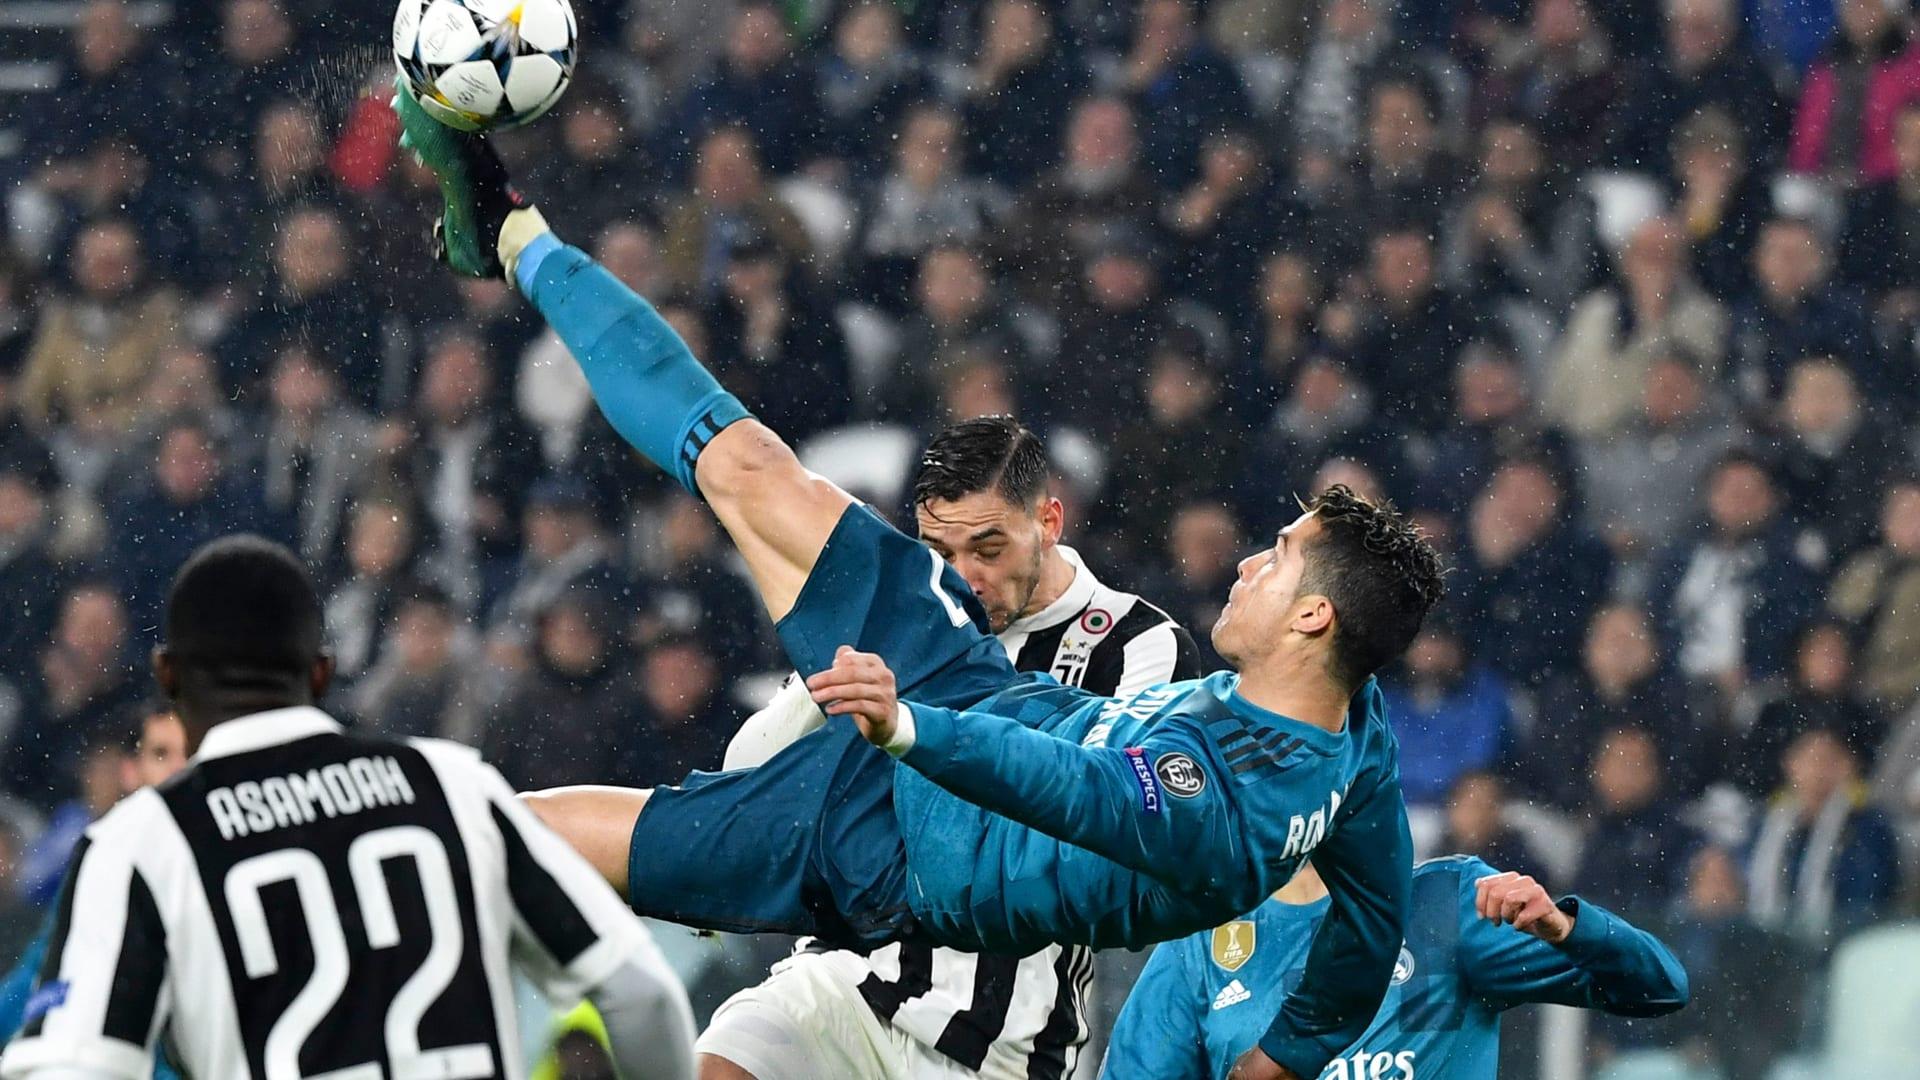 """شاهد.. كريستيانو رونالدو يكرر هدفه """"التاريخي"""" قبل مباراة أتلتيكو"""